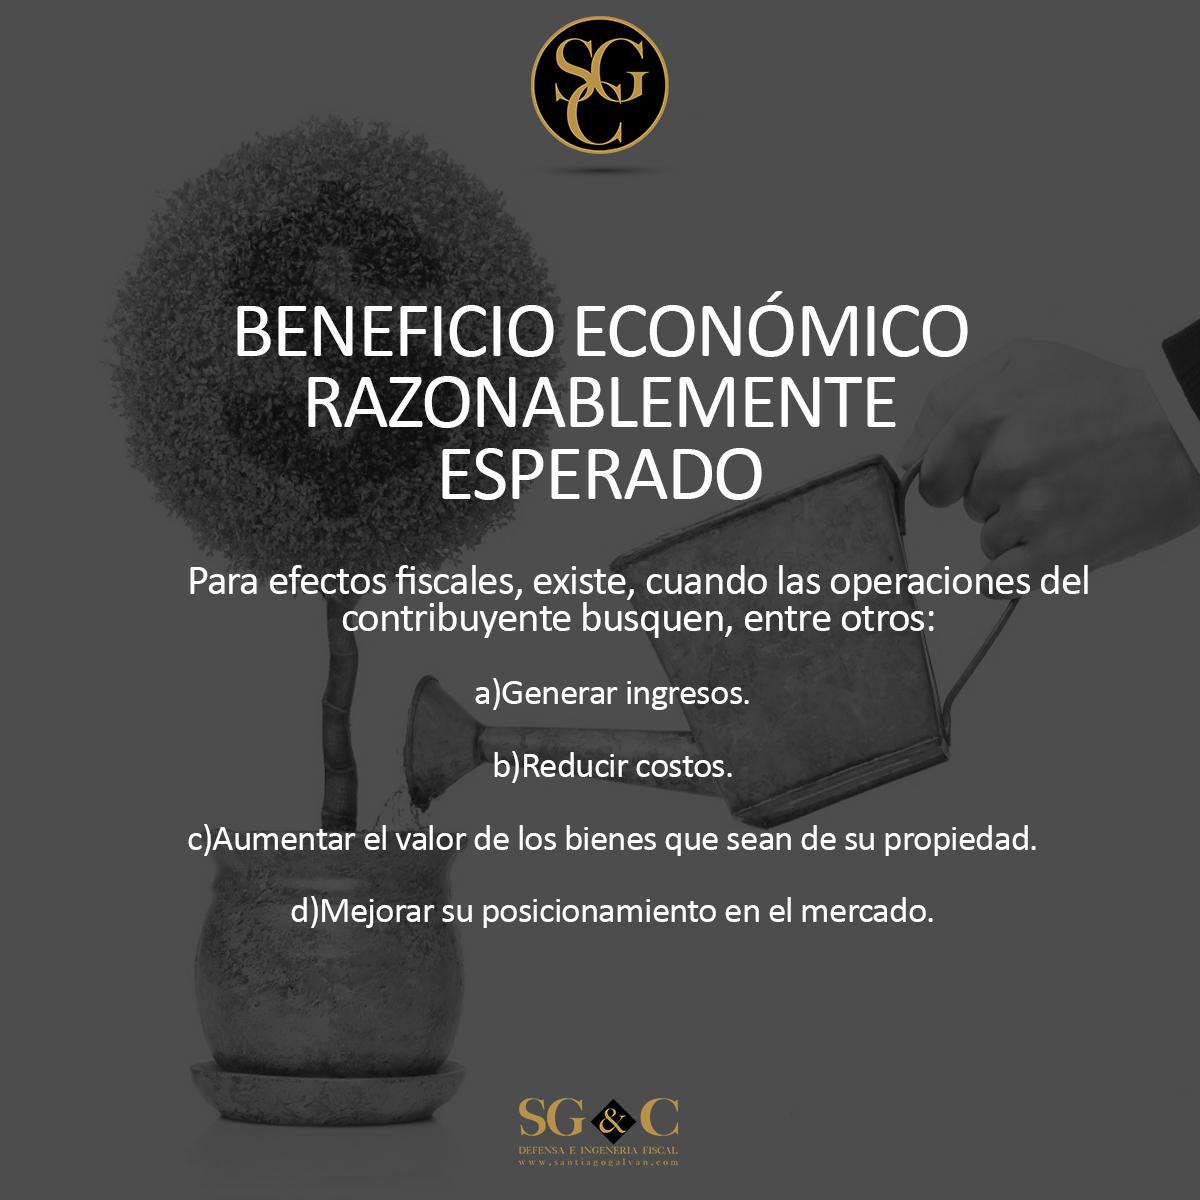 BENEFICIO ECONÓMICO RAZONABLEMENTE ESPERADO